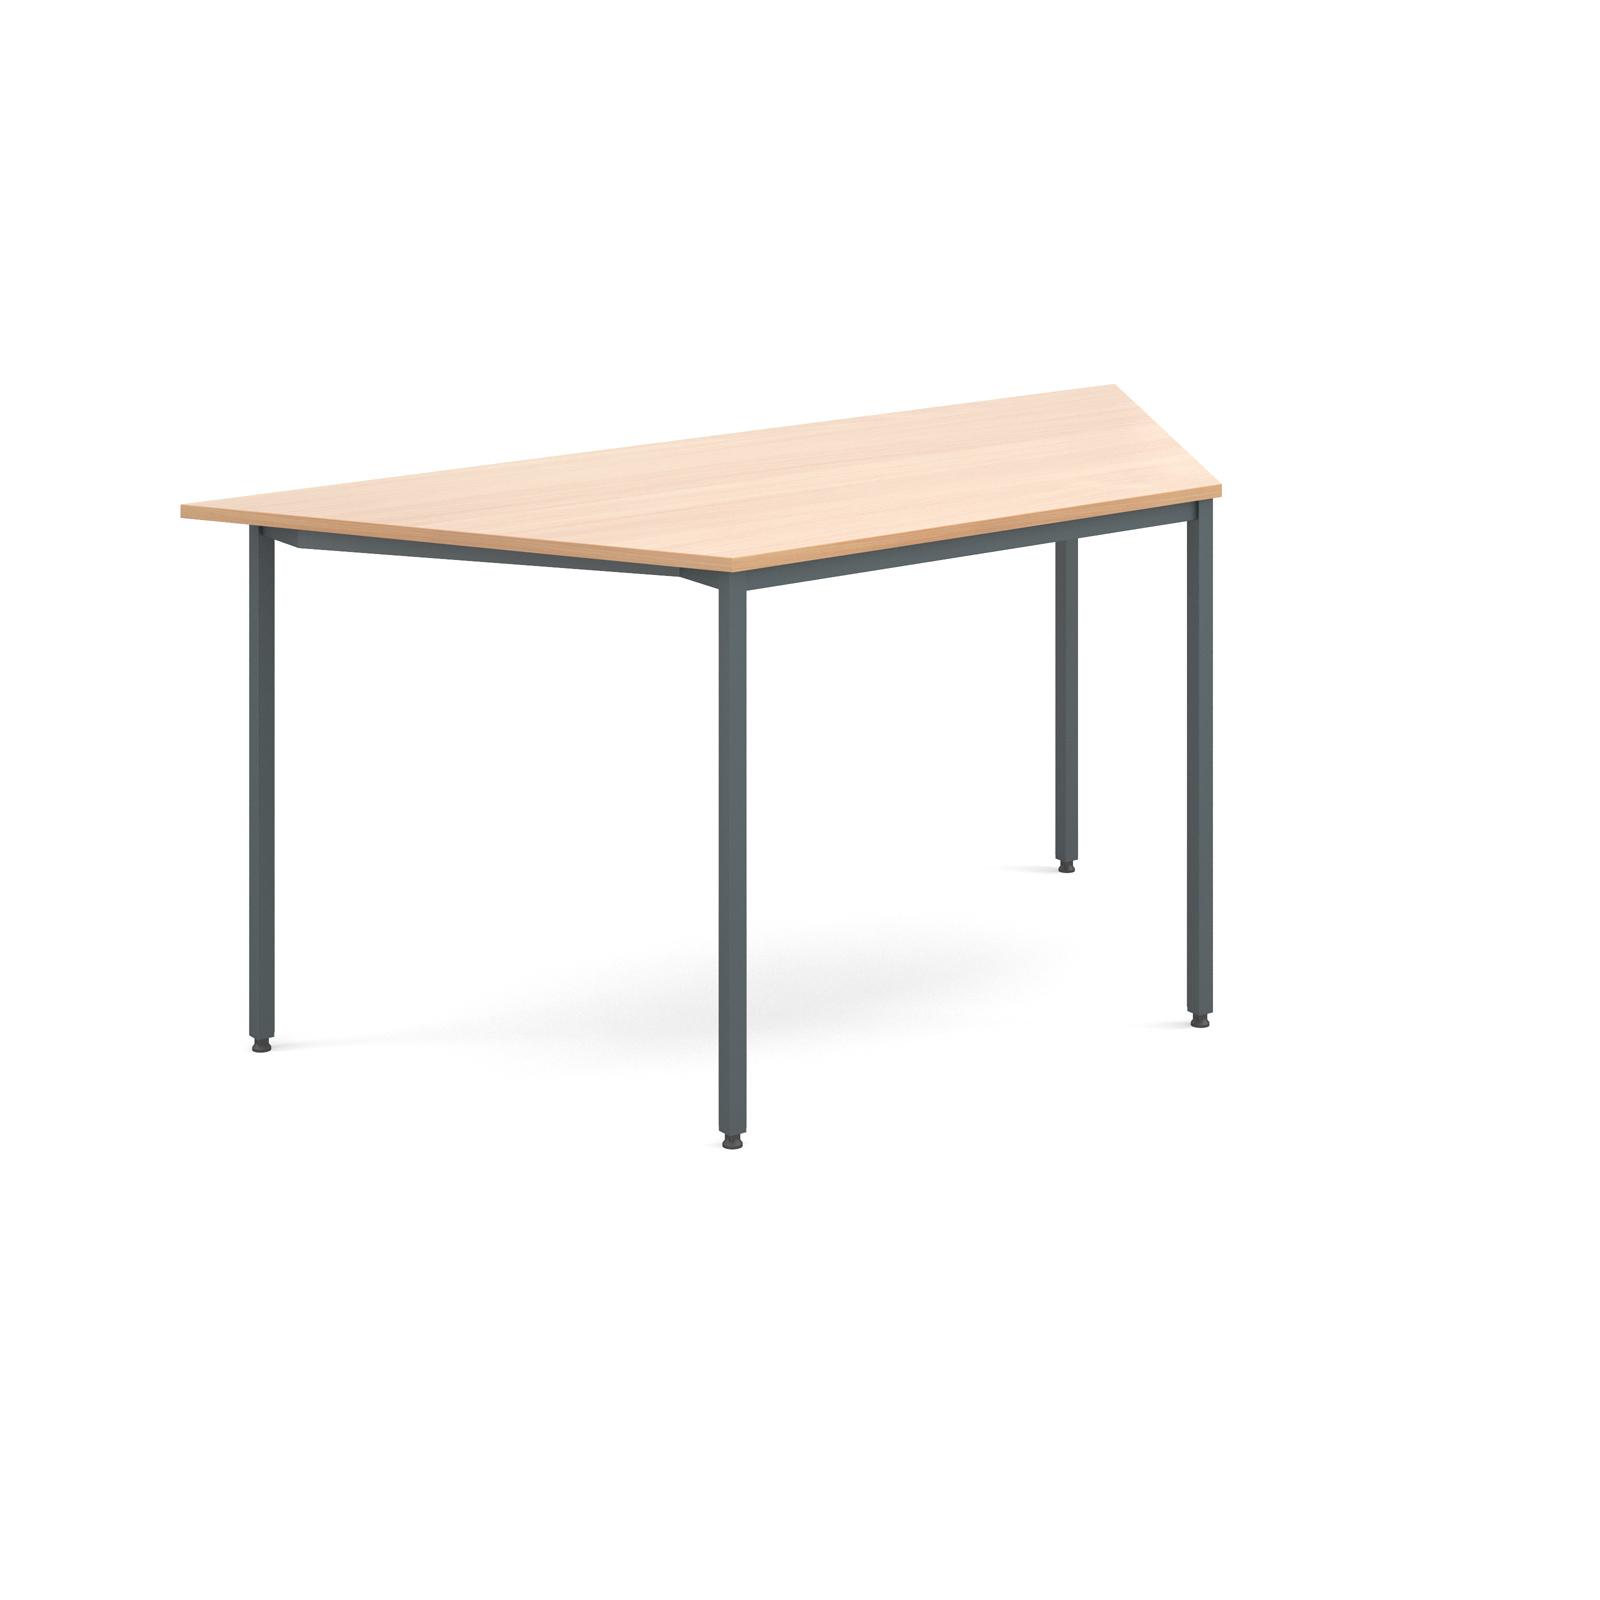 Trapezoidal flexi table with graphite frame